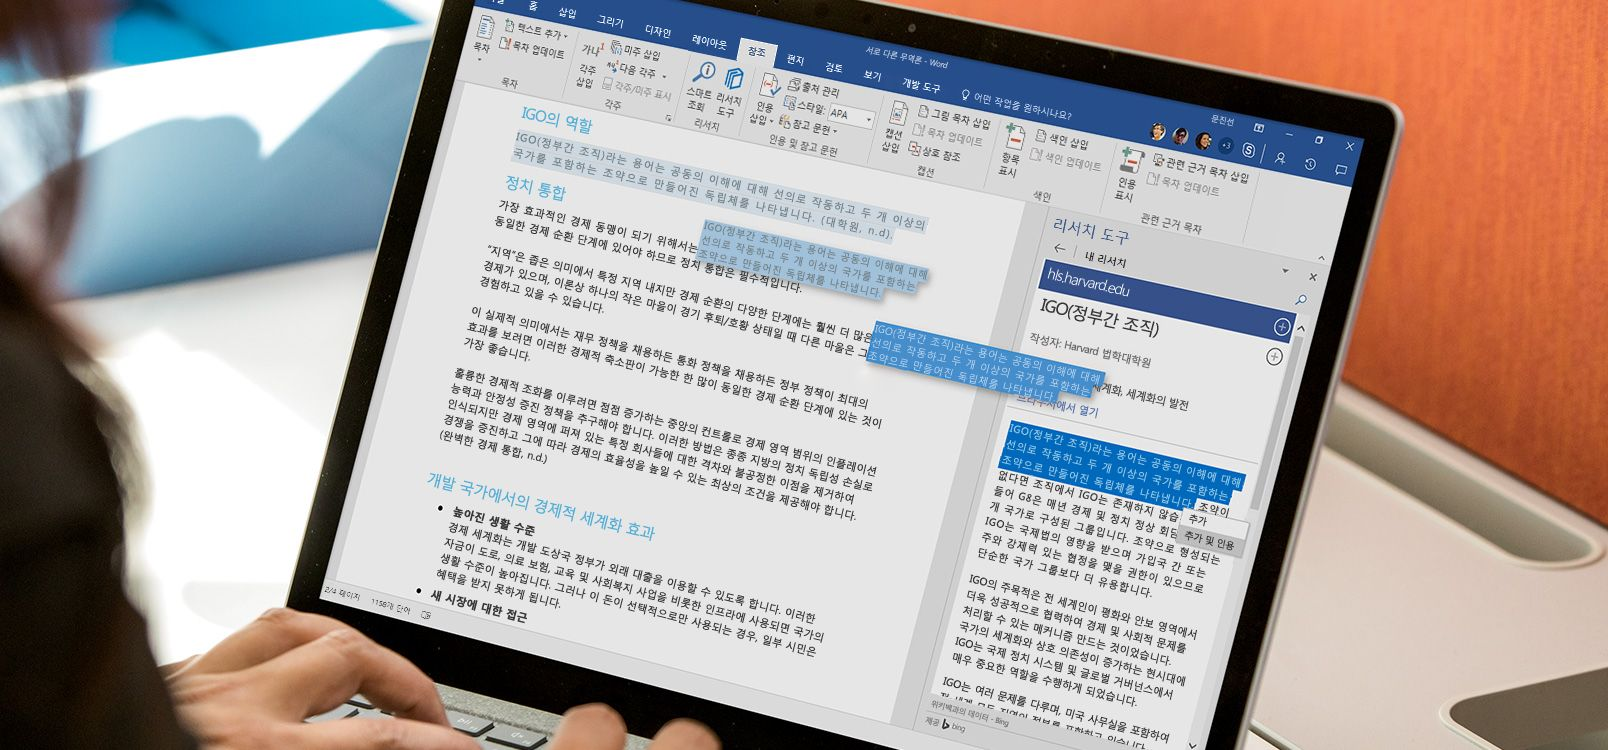 리서치 도구 기능을 사용하여 Word 문서를 보여주는 랩톱 화면